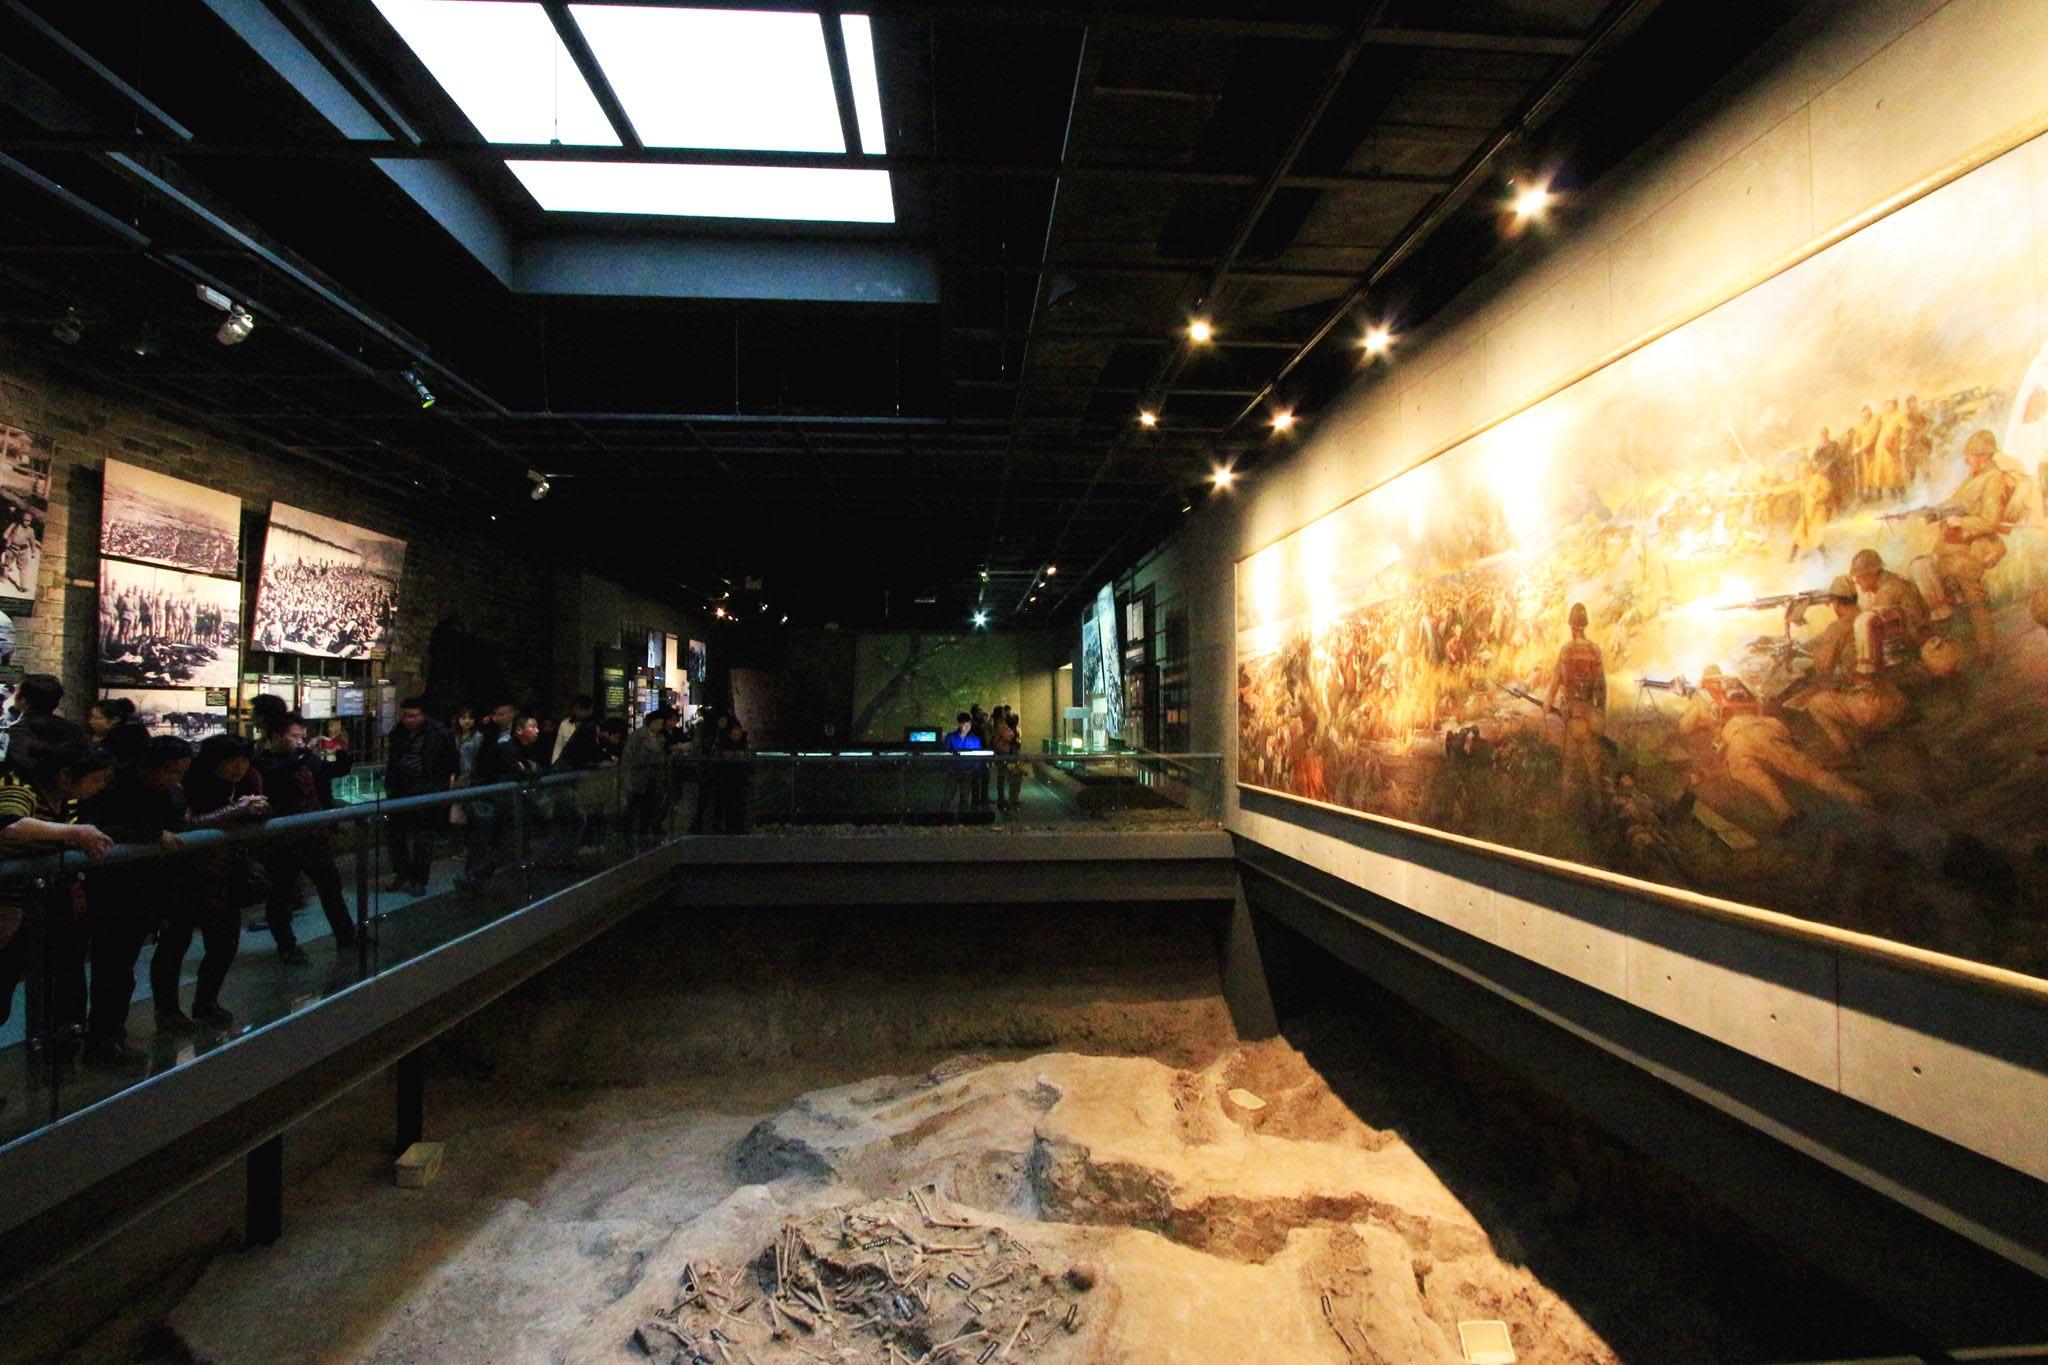 ( 南 京 大 屠 殺 博 物 館 訴 說 著 這 裡 過 去 的 一切 )